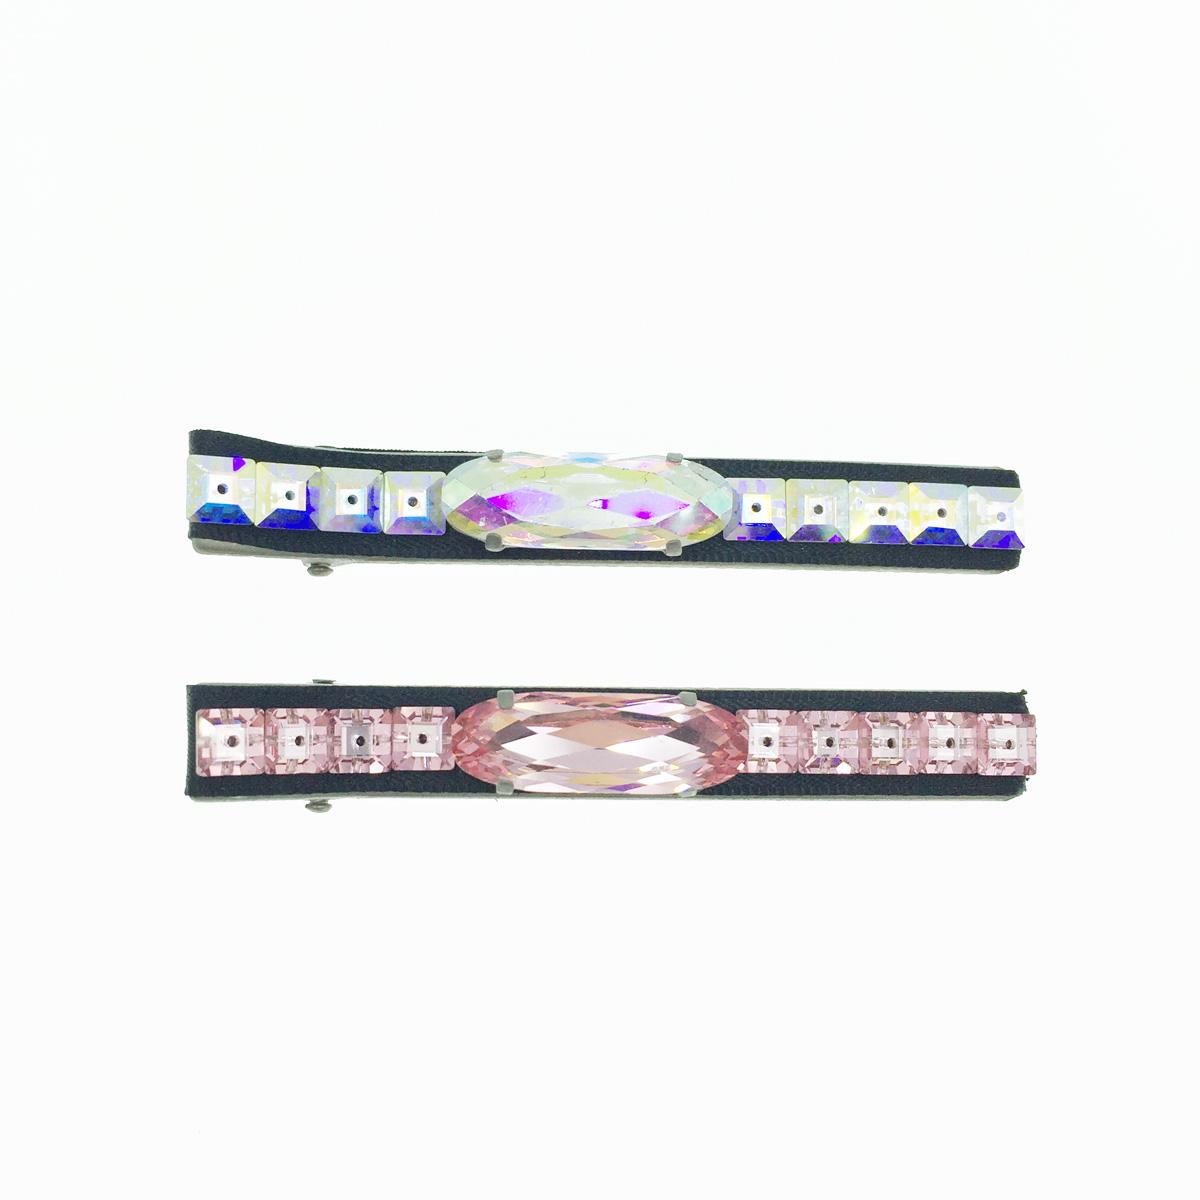 韓國 水鑽 2色 基本款 壓夾 髮夾 採用施華洛世奇水晶元素 Crystals from Swarovski